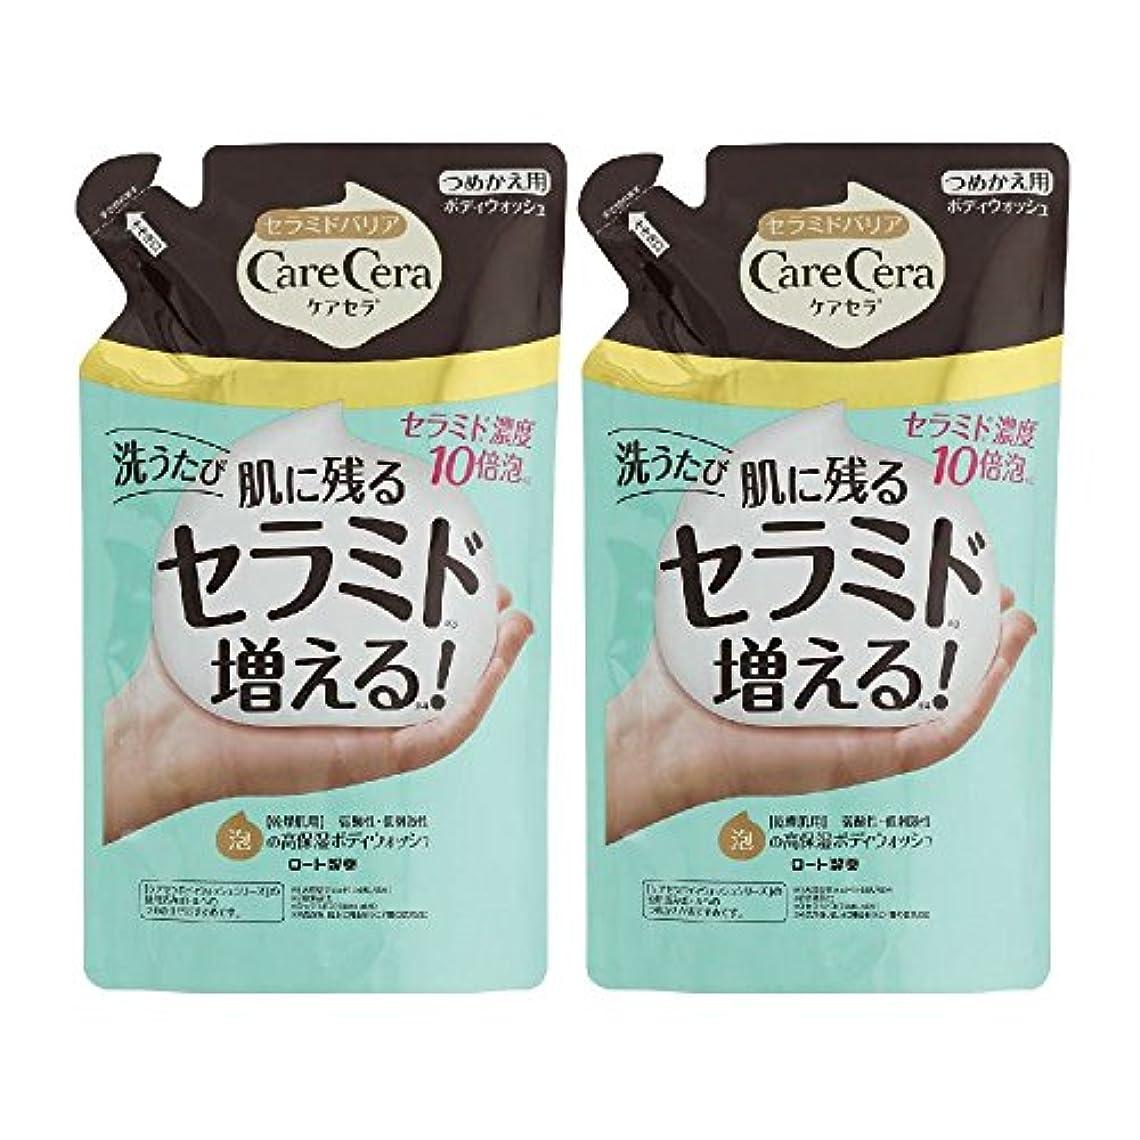 しょっぱい麻痺化学ケアセラ (CareCera) 泡の高保湿 ボディウォッシュ ピュアフローラルの香り (つめかえ用) 350mL×2個 ※セバメドモイスチャーローション10mlサンプル付き